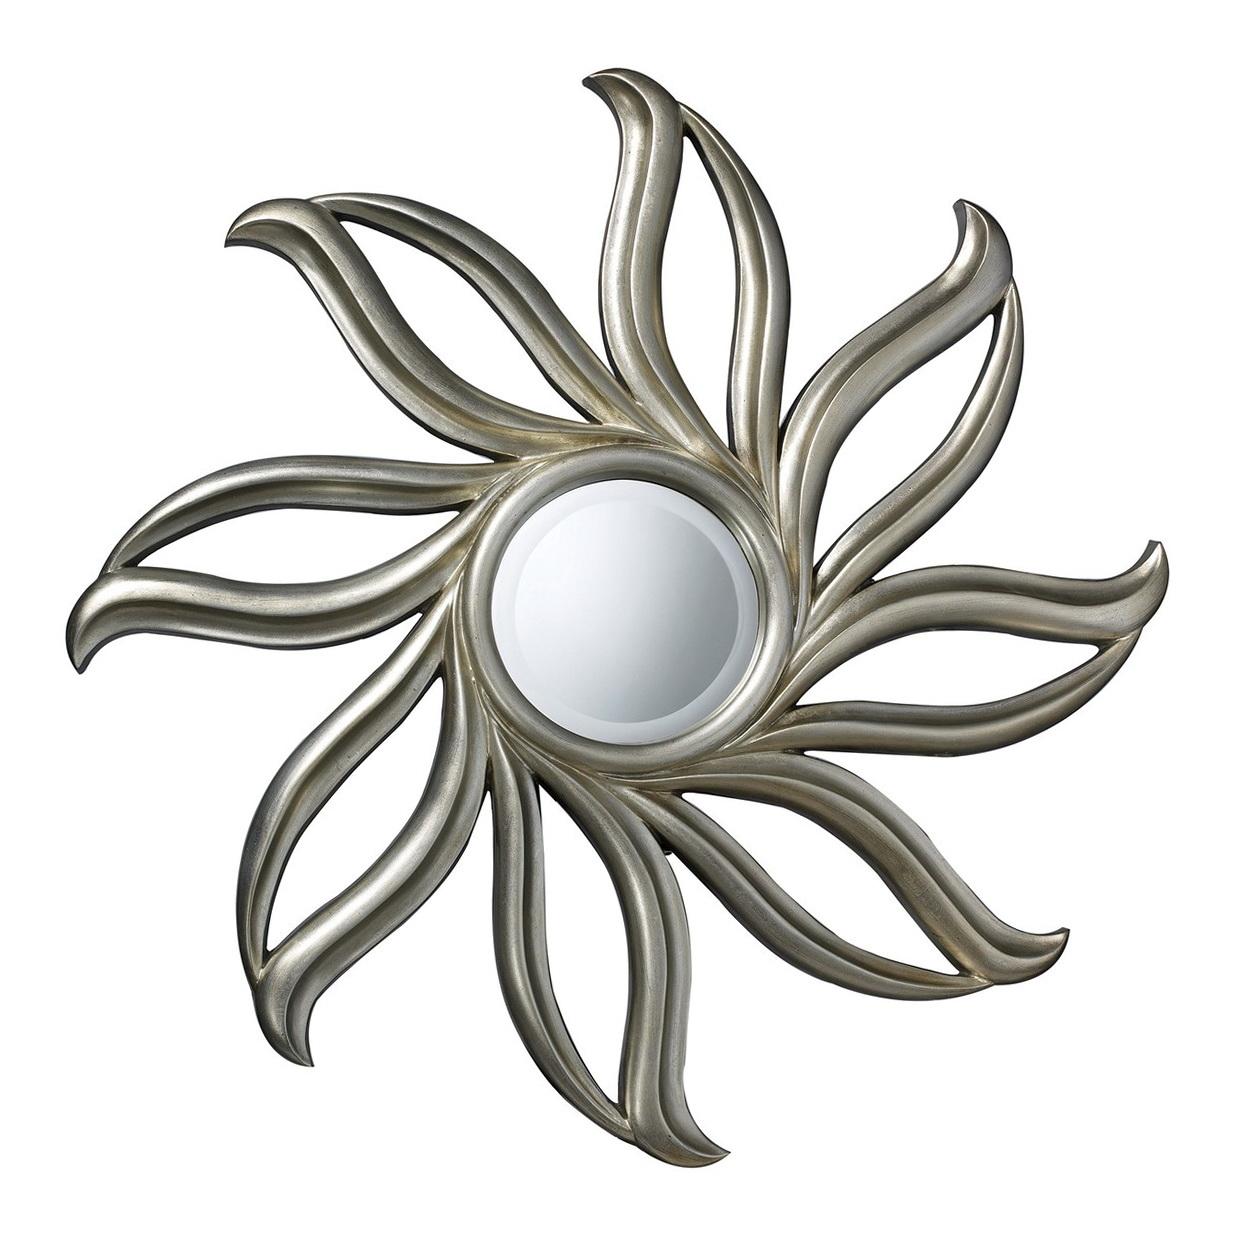 Small silver sunburst mirror home design ideas for Small silver mirror